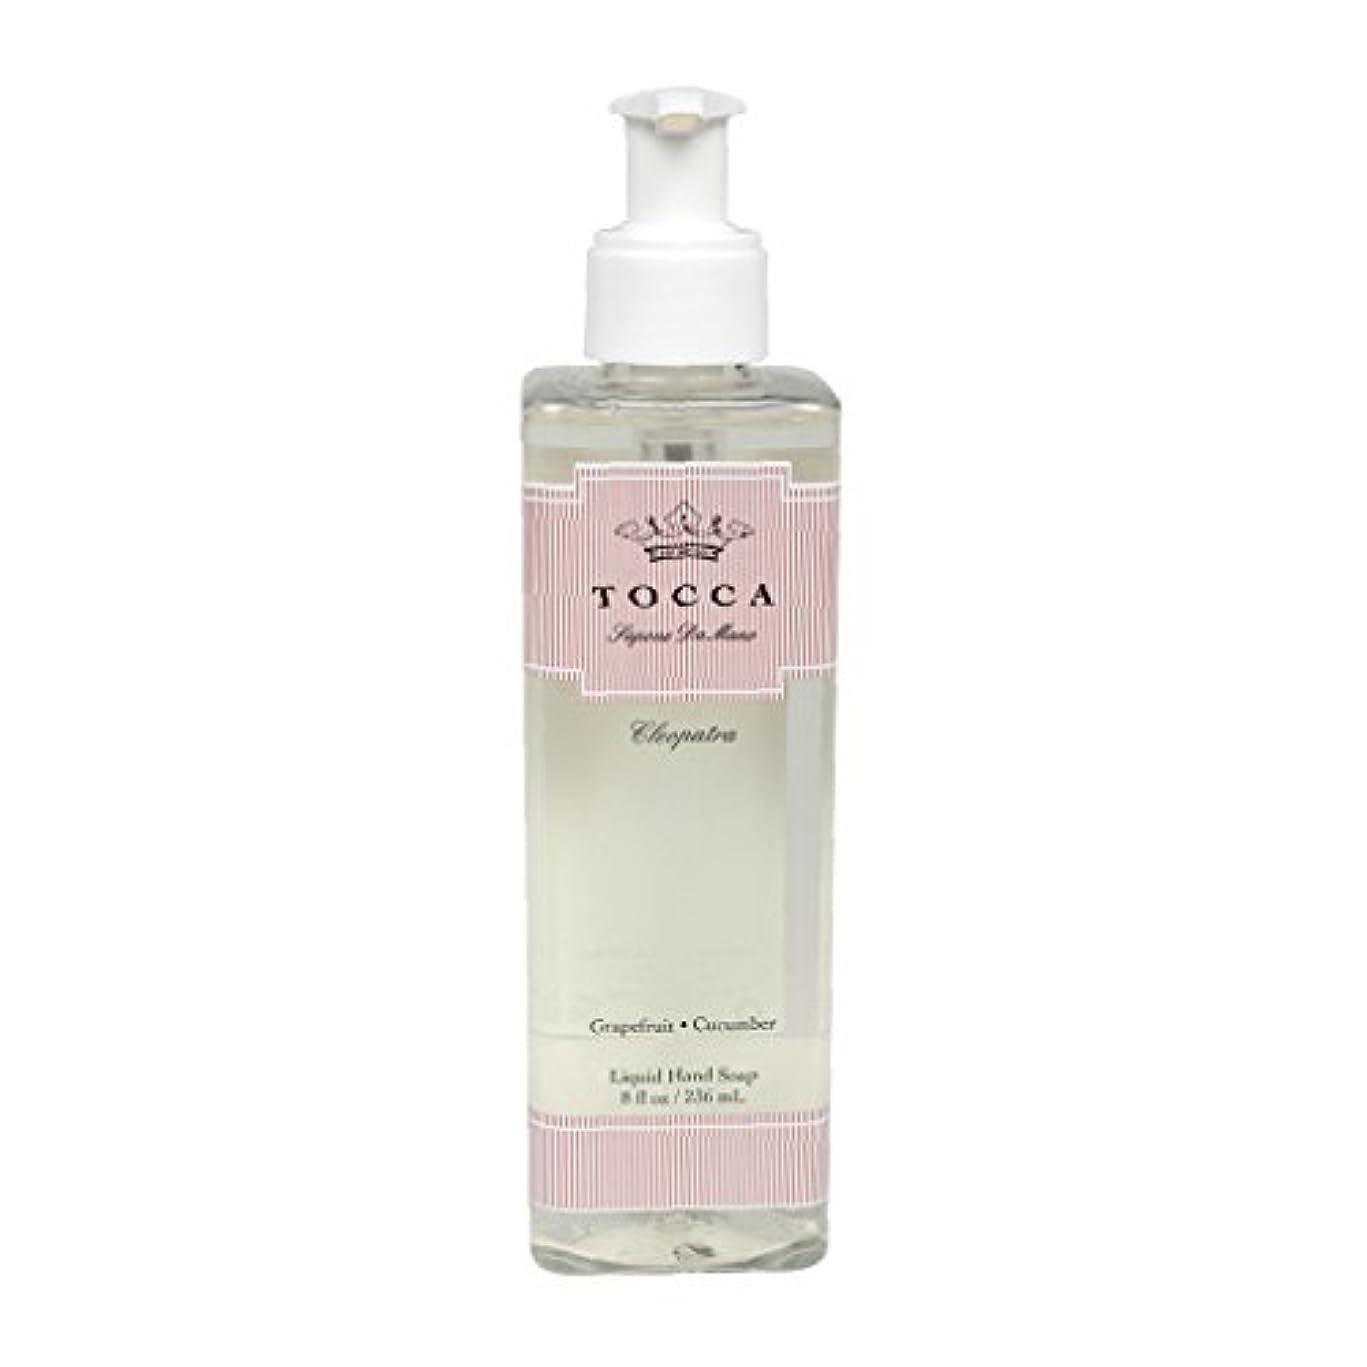 プレゼンター落胆するだますトッカ(TOCCA) ハンドソープ クレオパトラの香り 236ml(手洗用 ポンプタイプ グレープフルーツとキューカンバーのフレッシュでクリーンな香り)